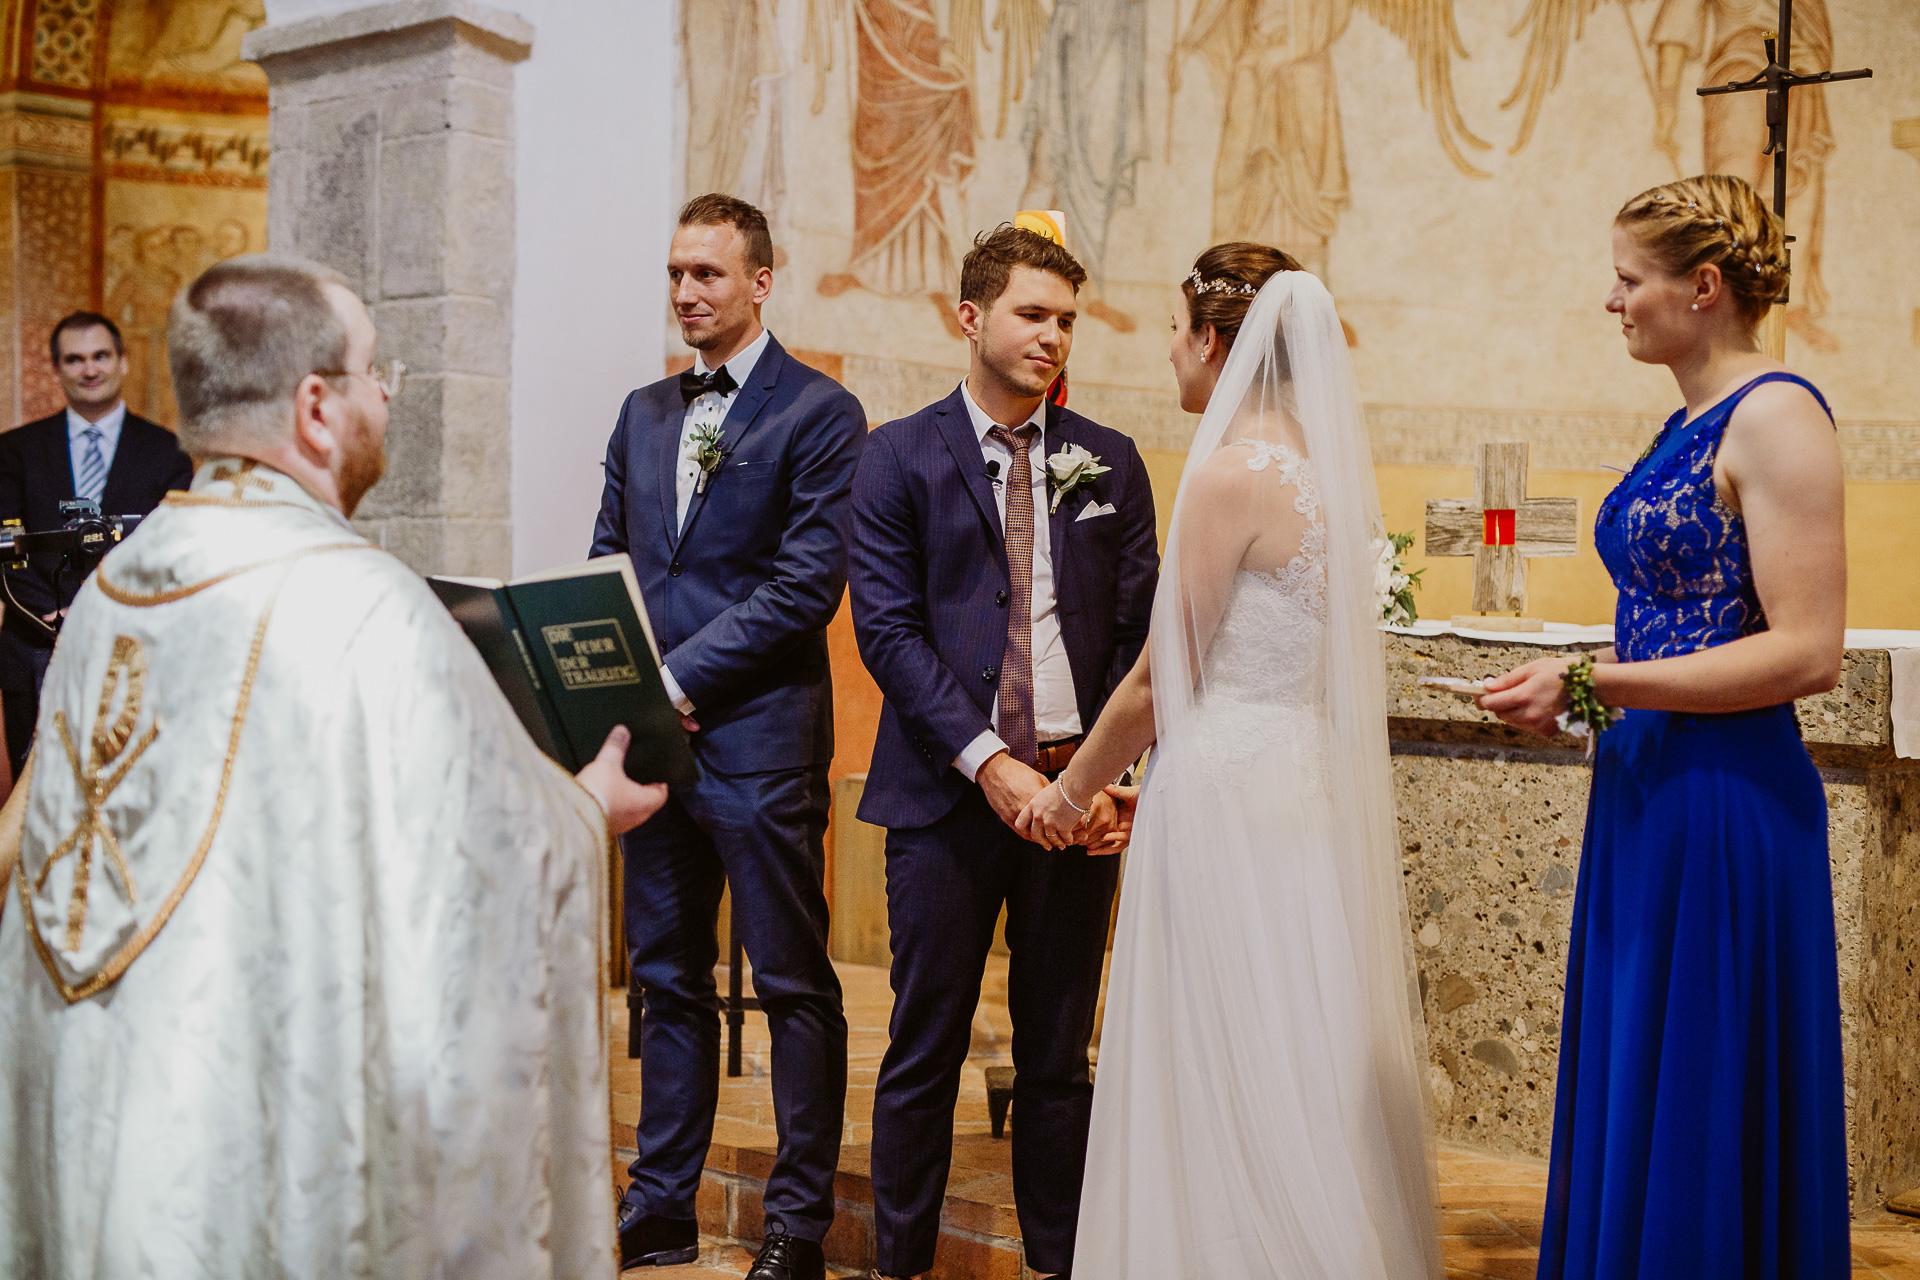 Alexander Utz, Fotografie, Hochzeit, Augsburg, Brautkleid, Brautstrauss-48